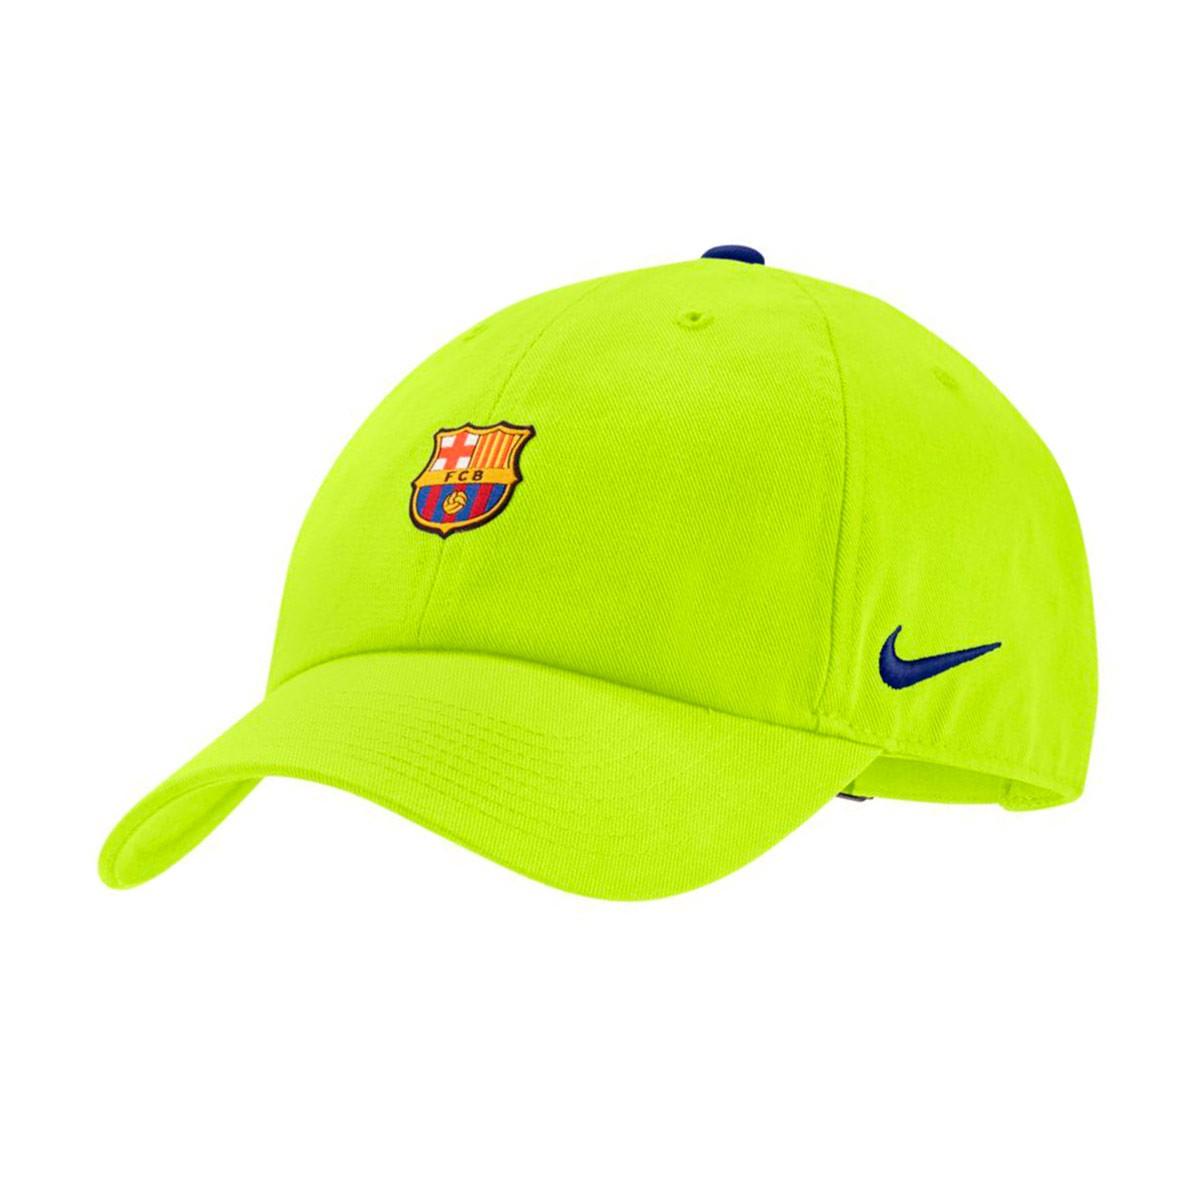 805077d59 Futbalové kluby (všetky) | Nike FC Barcelona šiltovka zelená ...